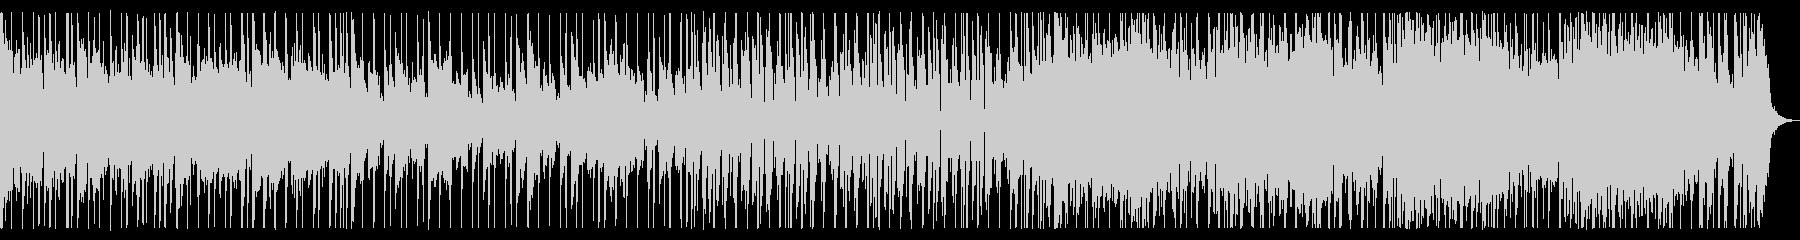 爽やか。日常。歌モノポップスのオケ。の未再生の波形